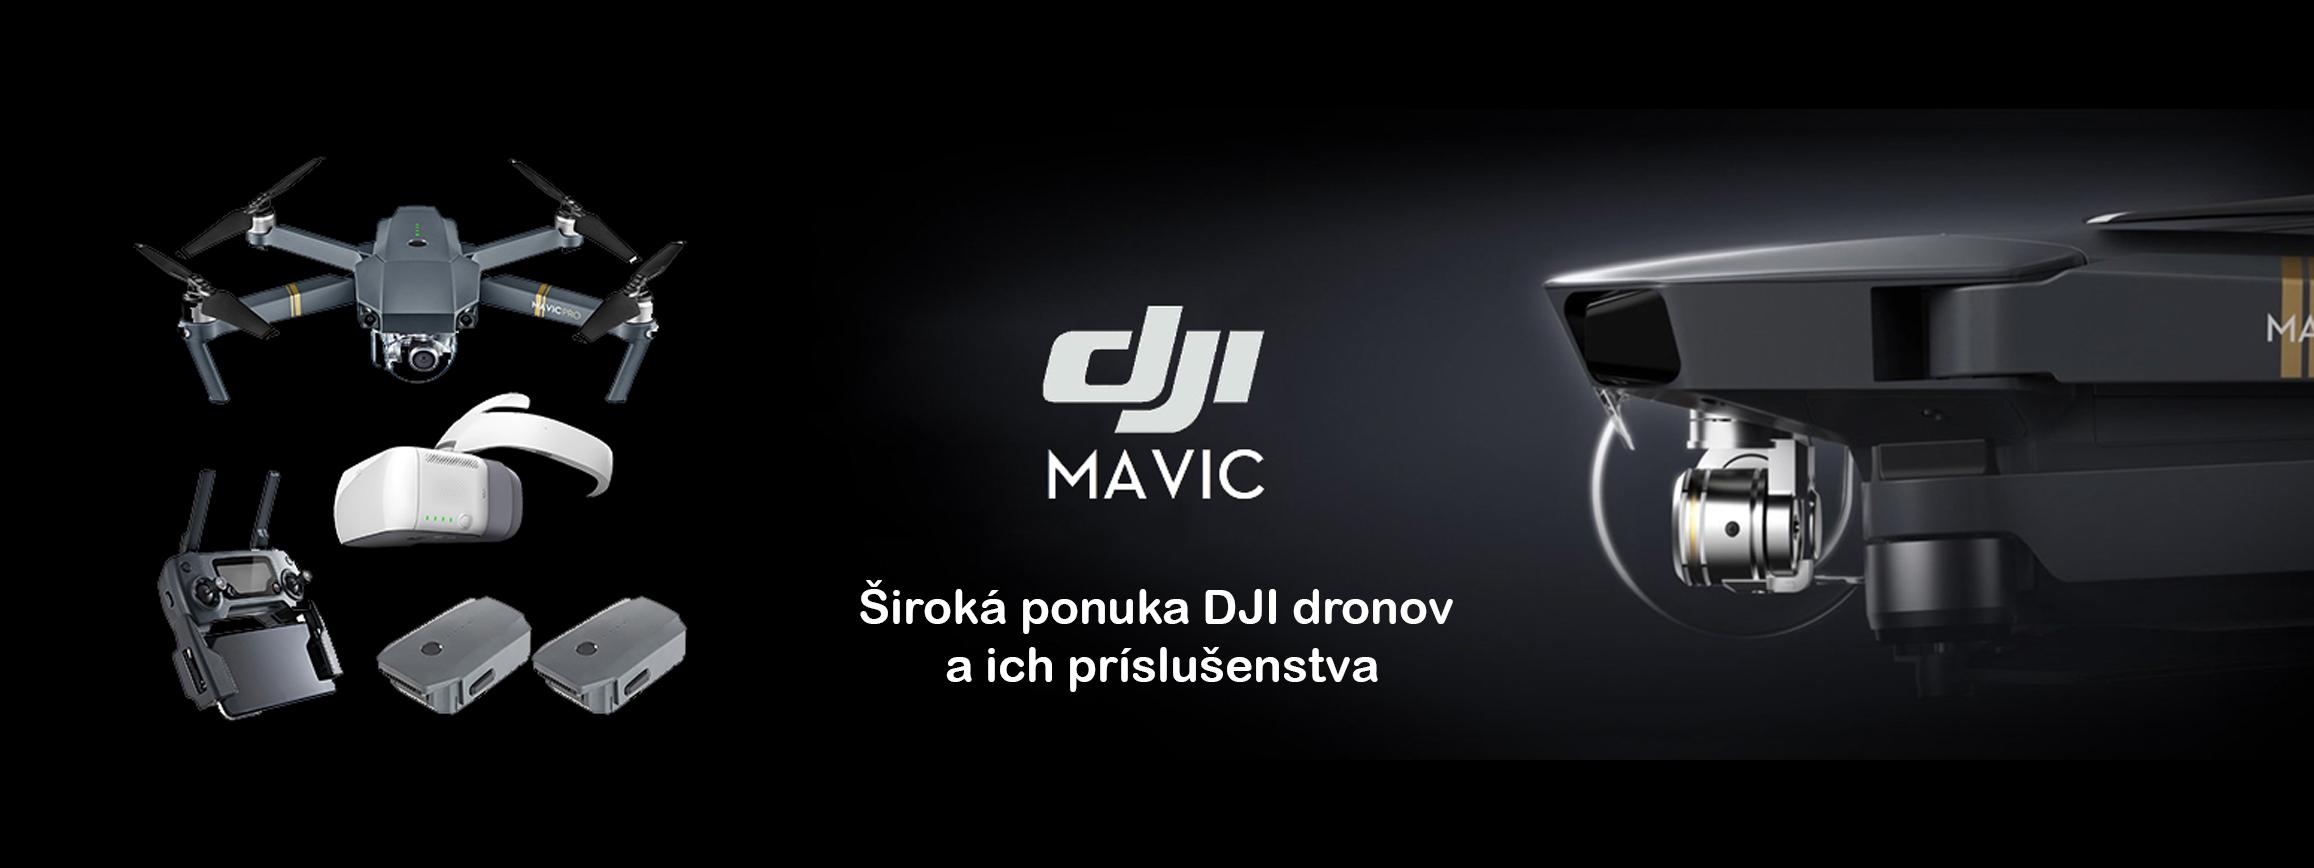 DJI drony